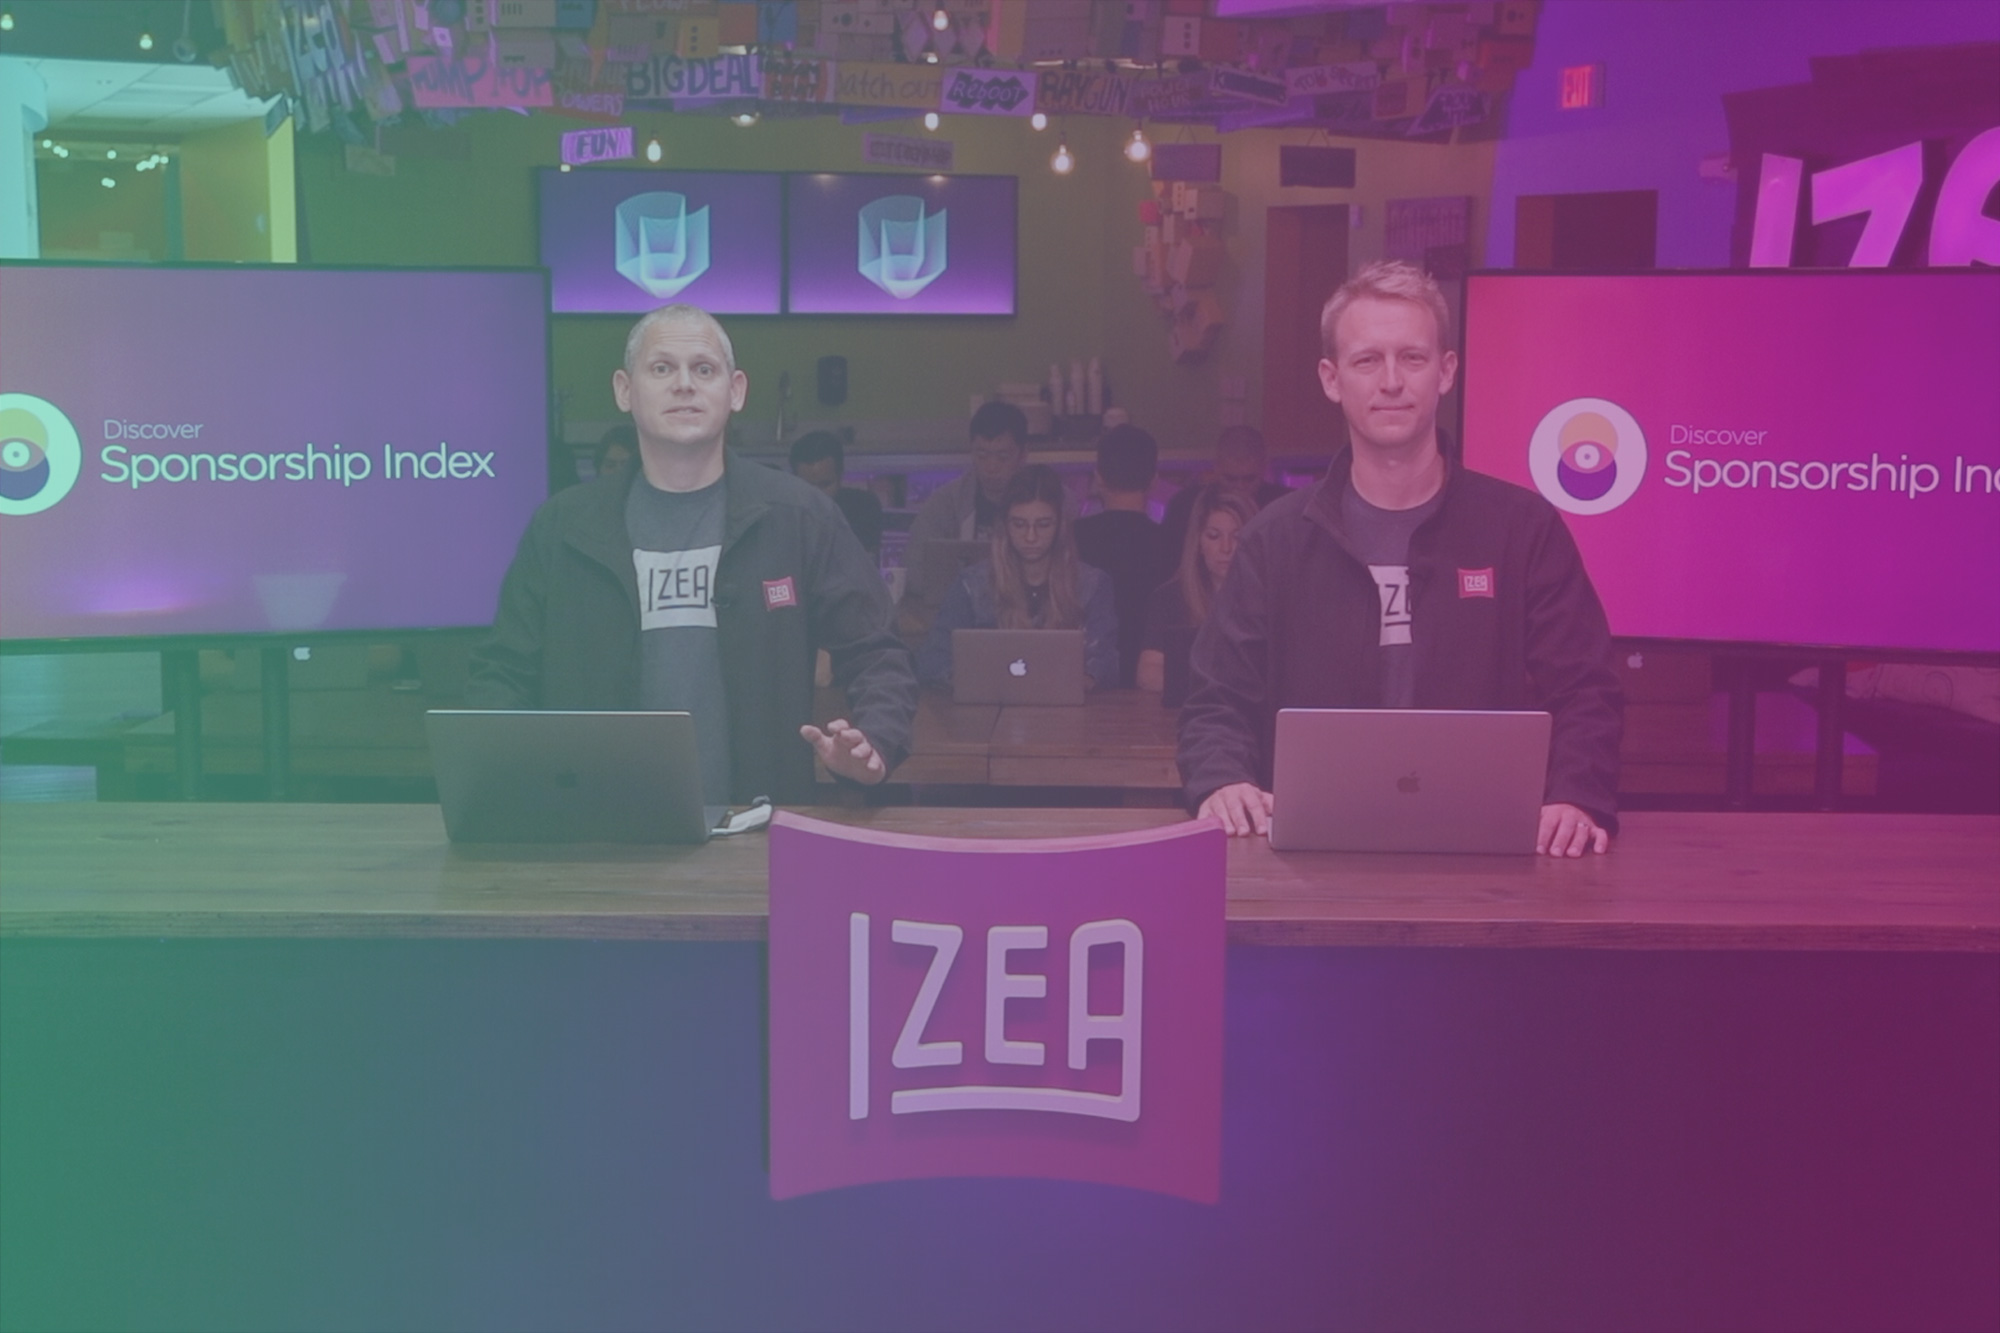 IZEA Announces Influencer Sponsorship Index